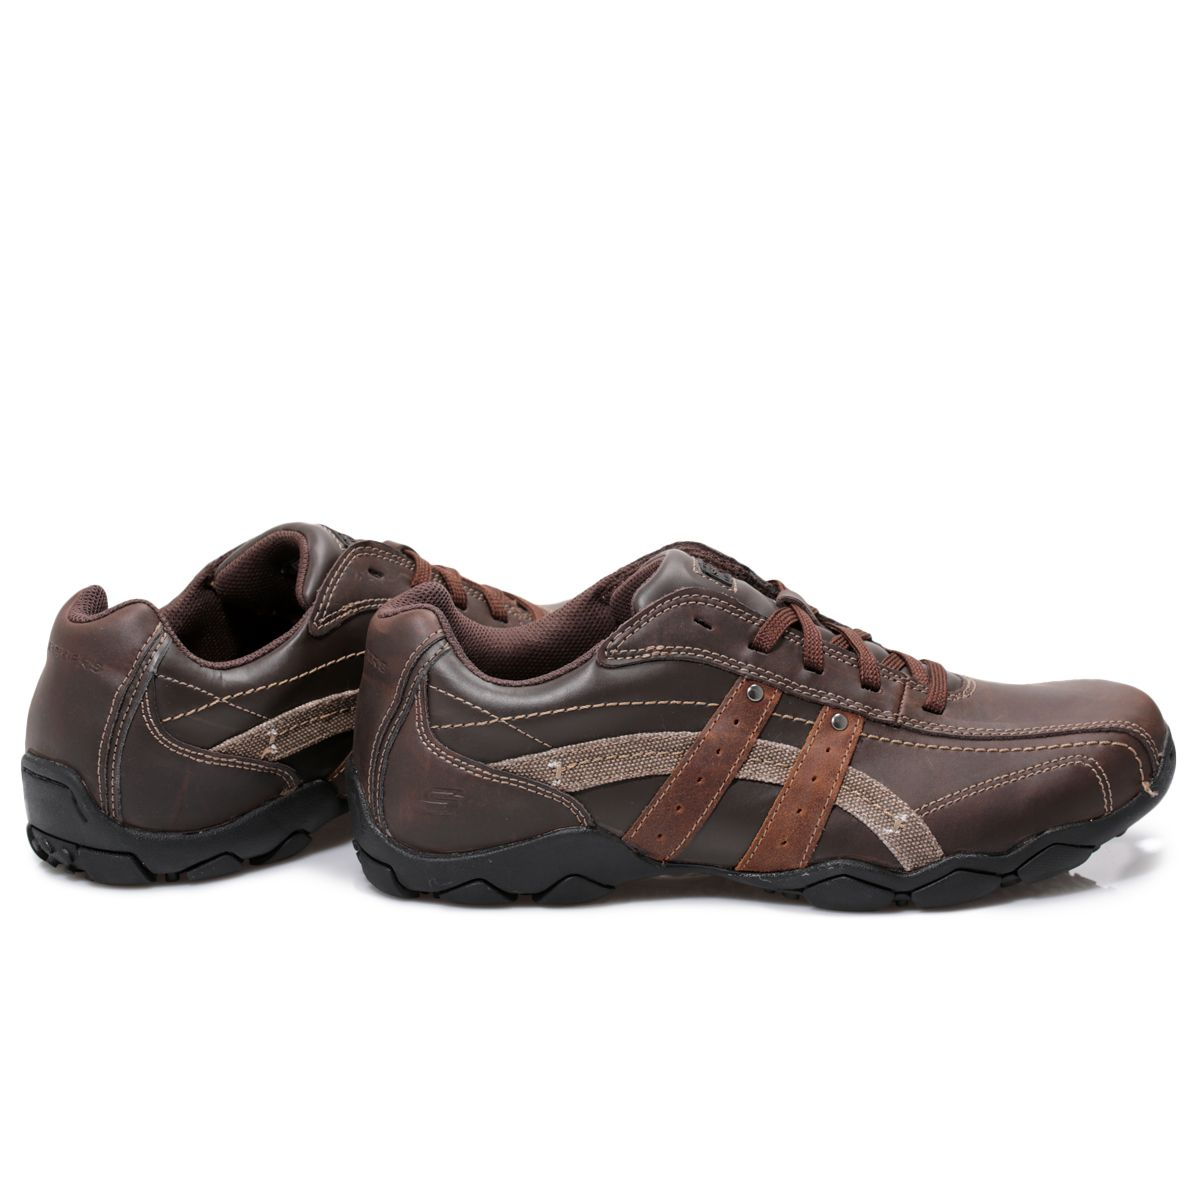 Skechers Blake Brown Leather Mens